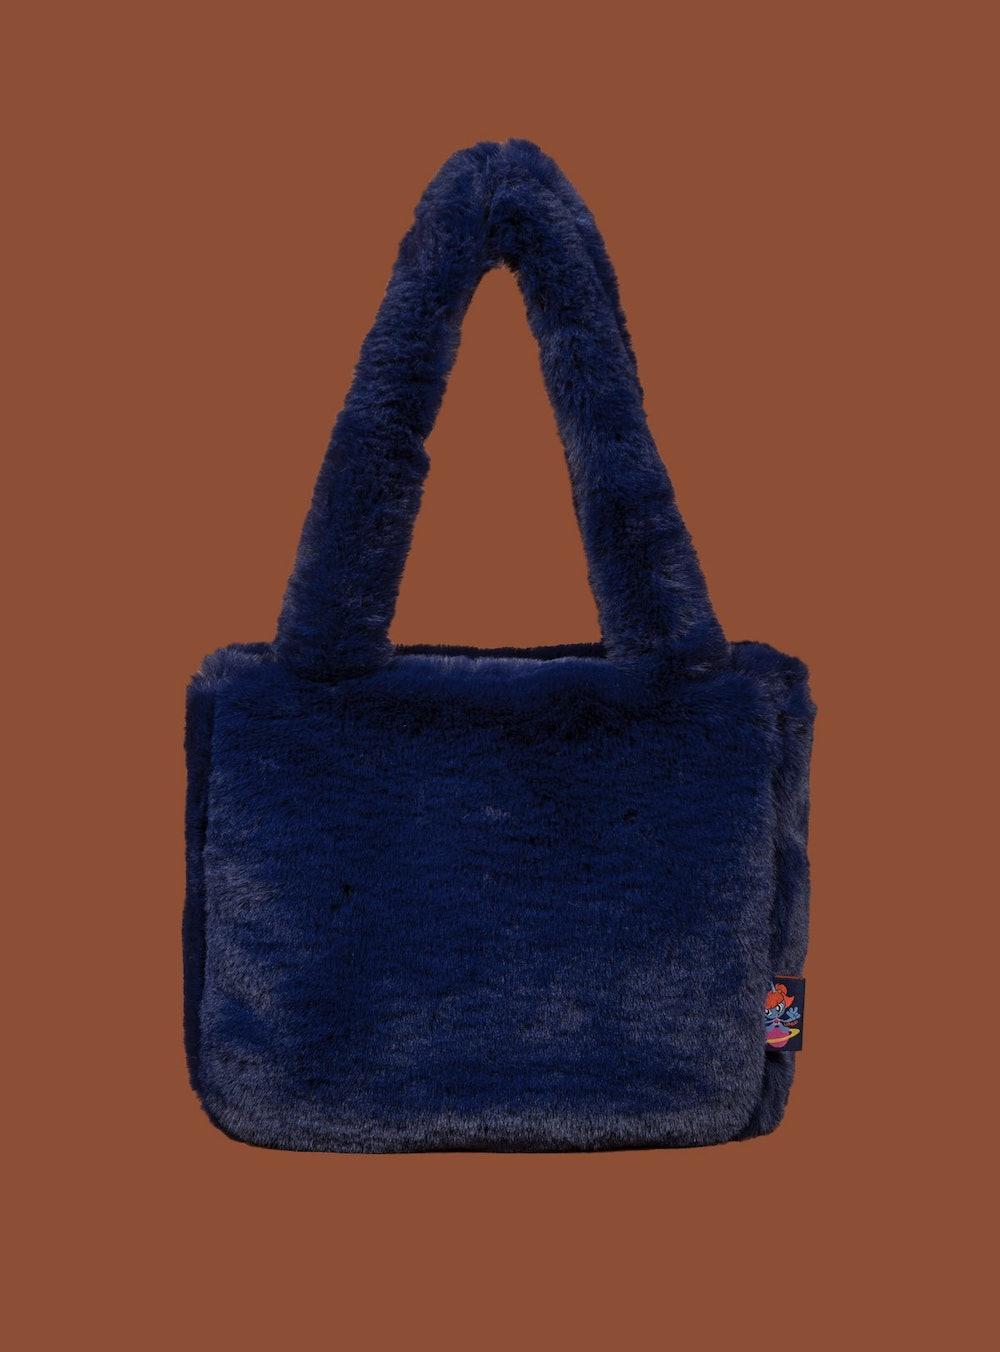 Luv Bag